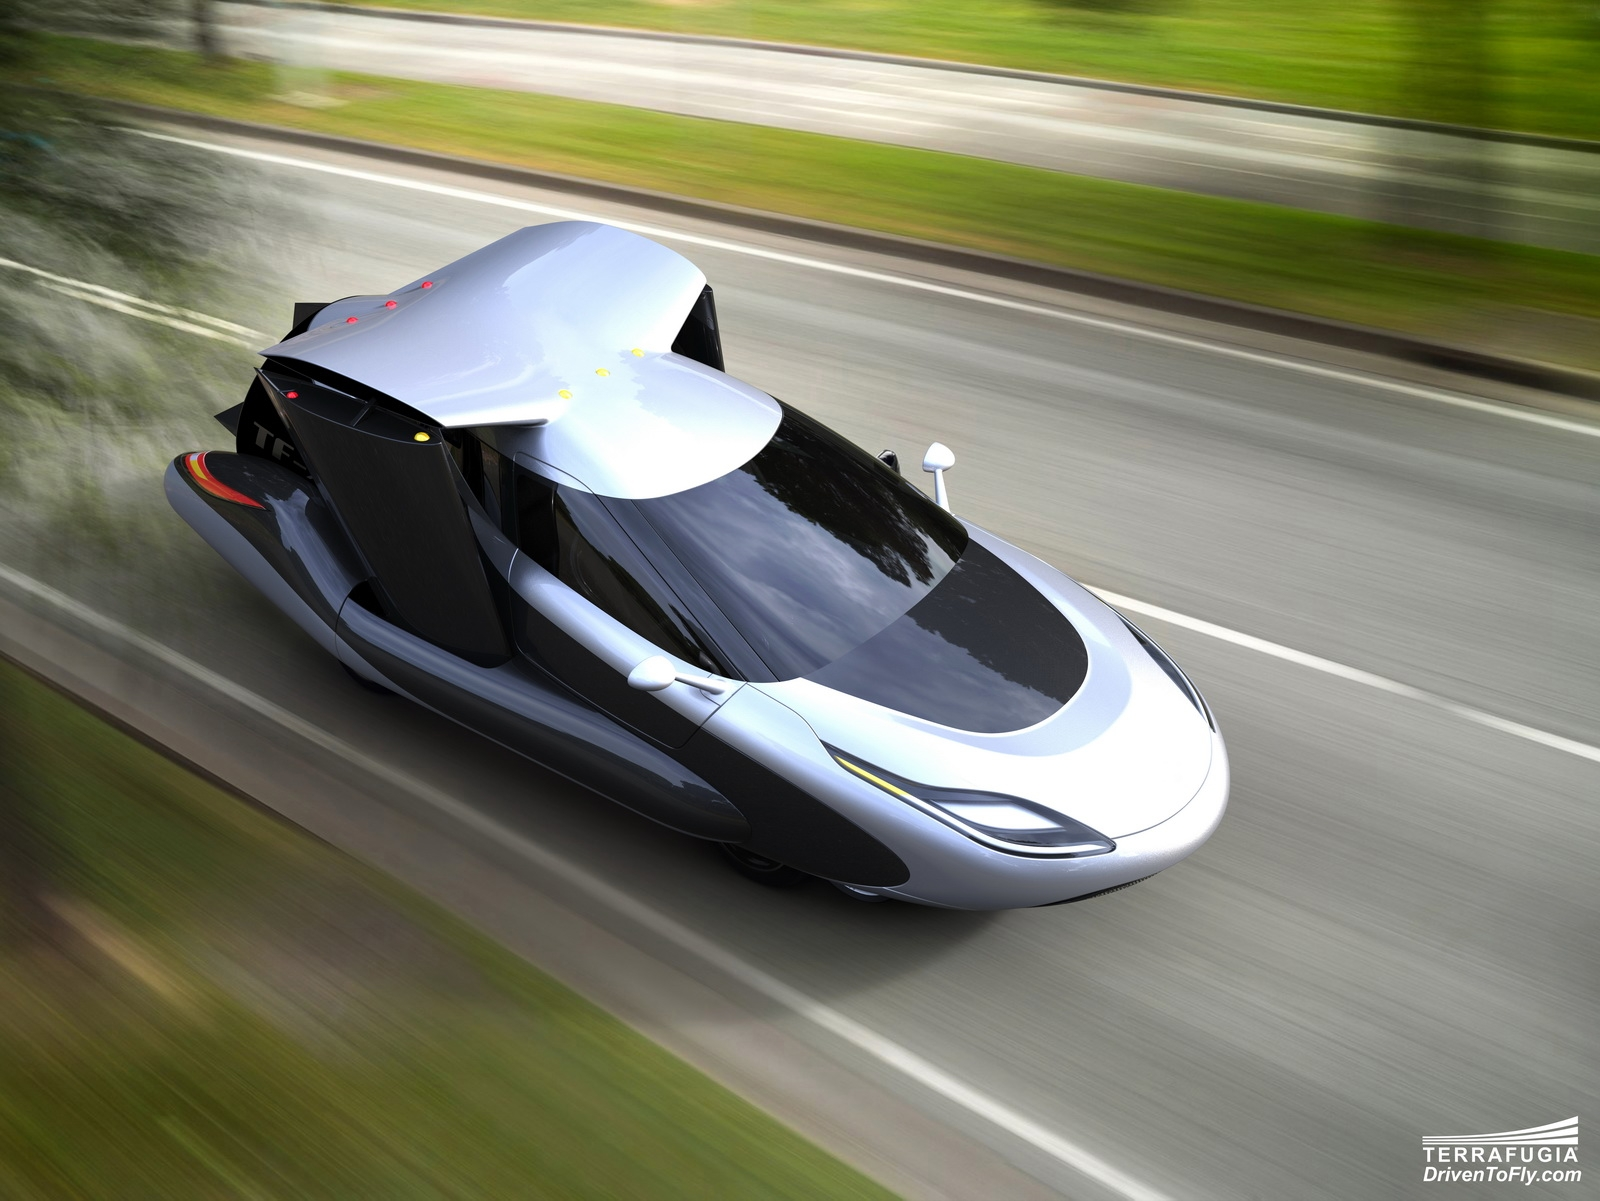 летающий автомобиль тесла видео